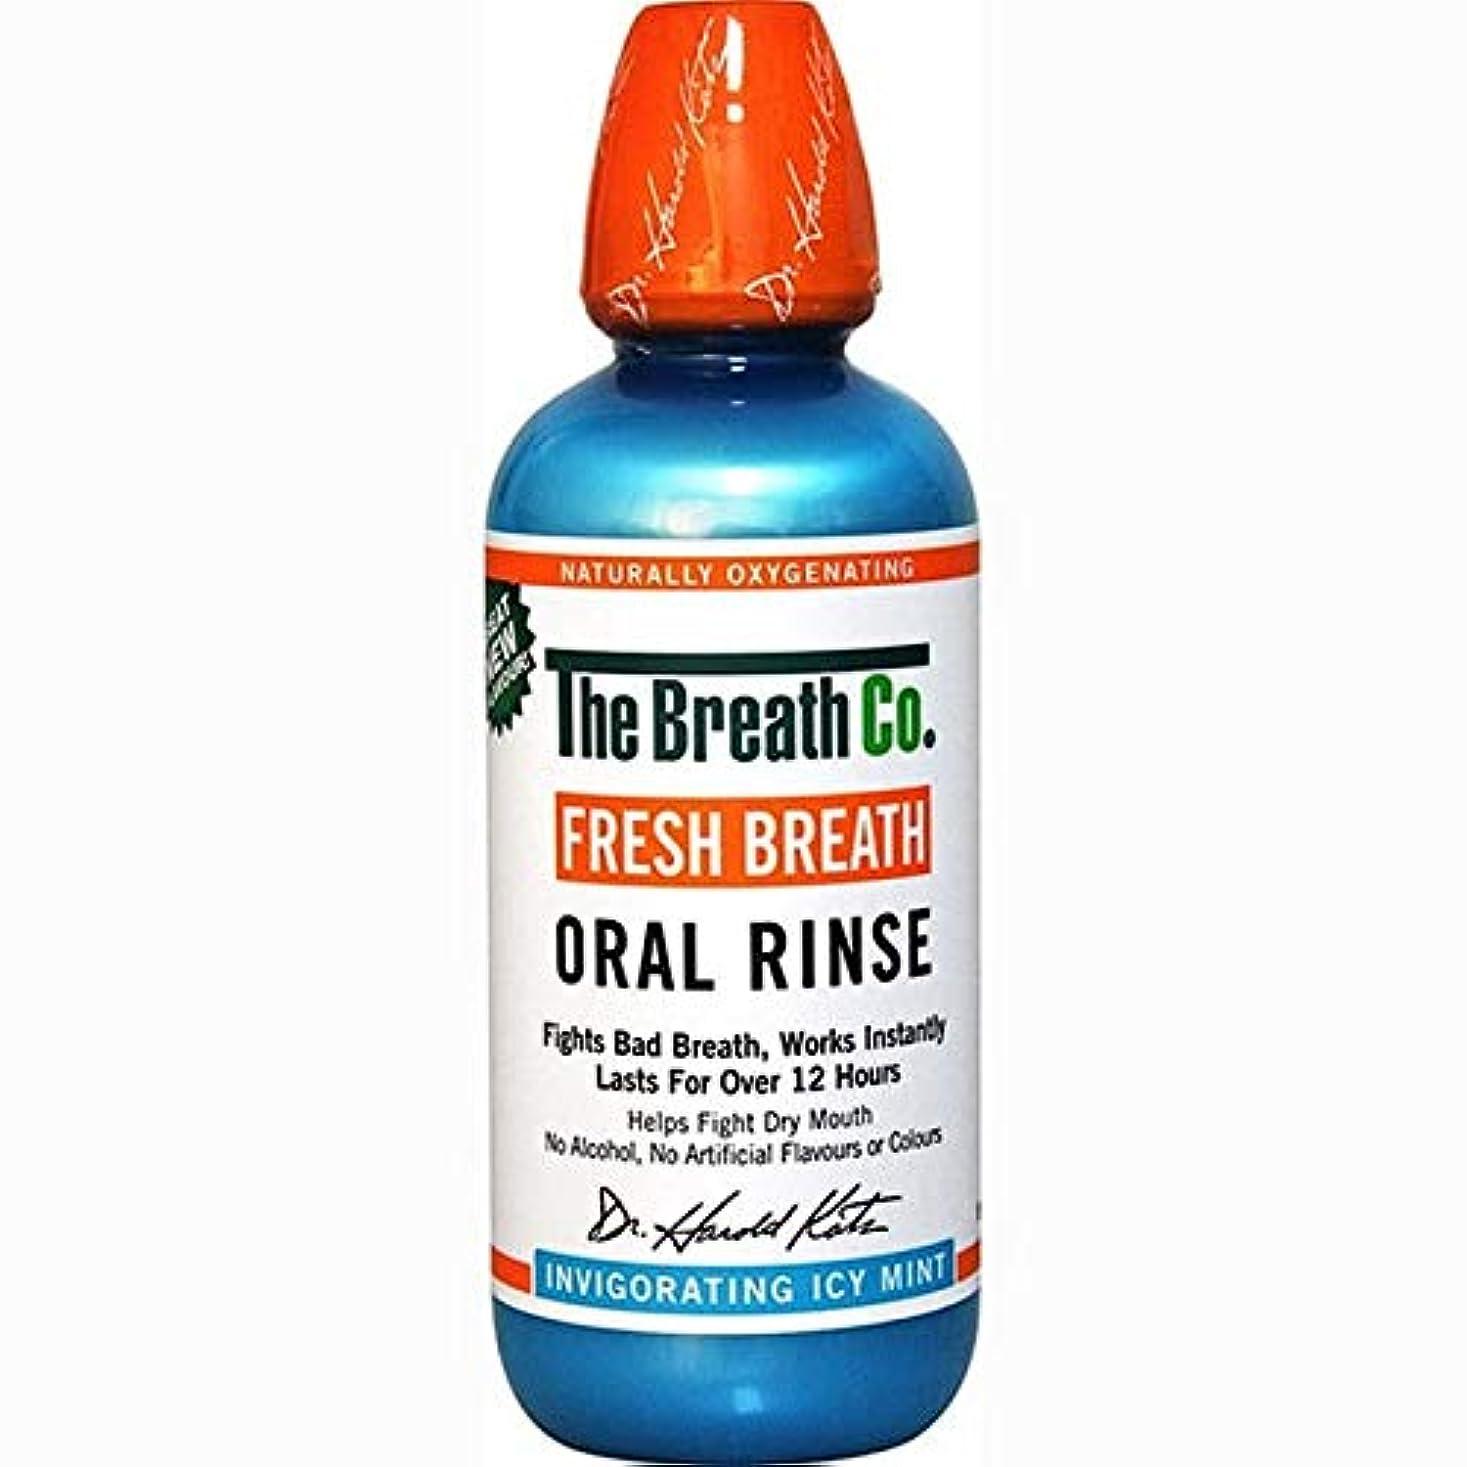 変更医療の床[The Breath Co] 息のCo新鮮な息口腔リンス氷のミント500ミリリットル - The Breath Co Fresh Breath Oral Rinse Icy Mint 500ml [並行輸入品]